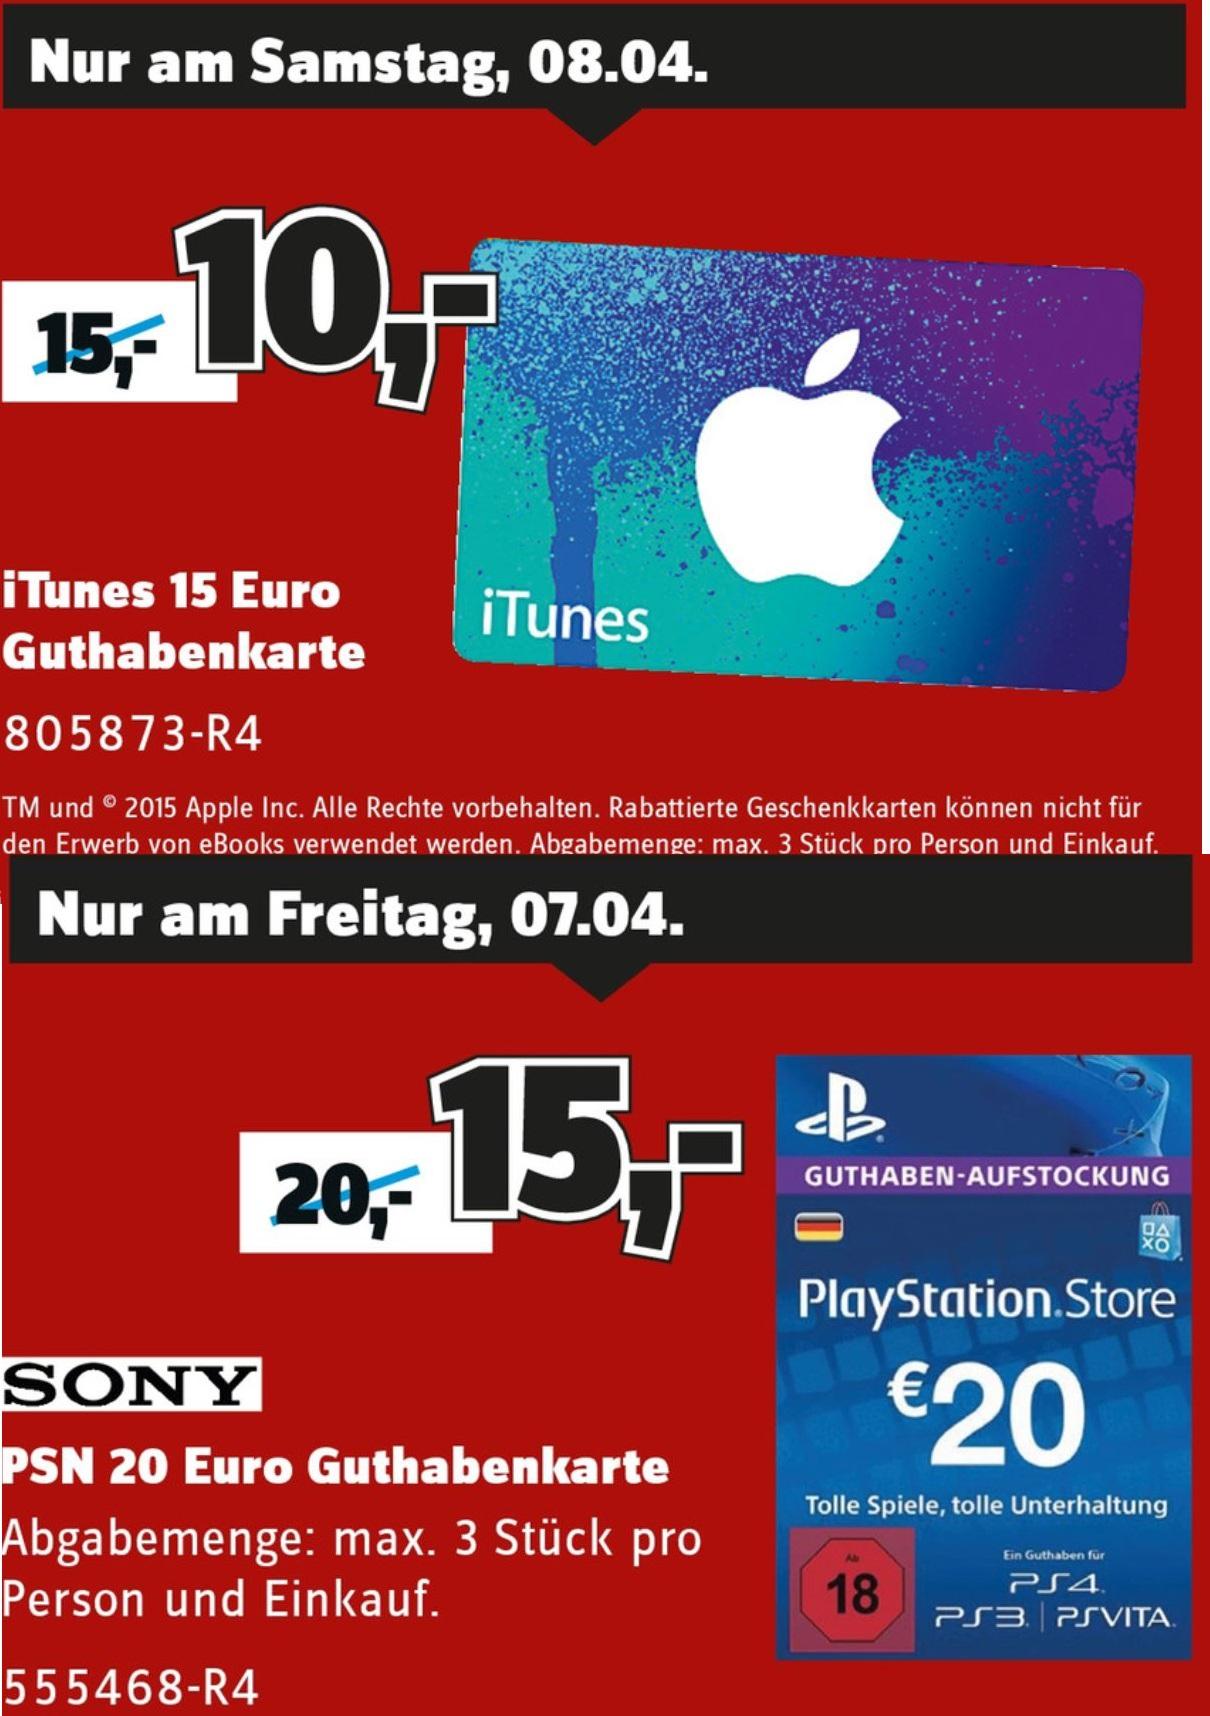 [Lokal Stuttgart] Sa. 08.04; 15 € iTunes Guthaben für 10 €, Fr. 07.04. 20 € PSN Guthaben für 15 € bei Conrad